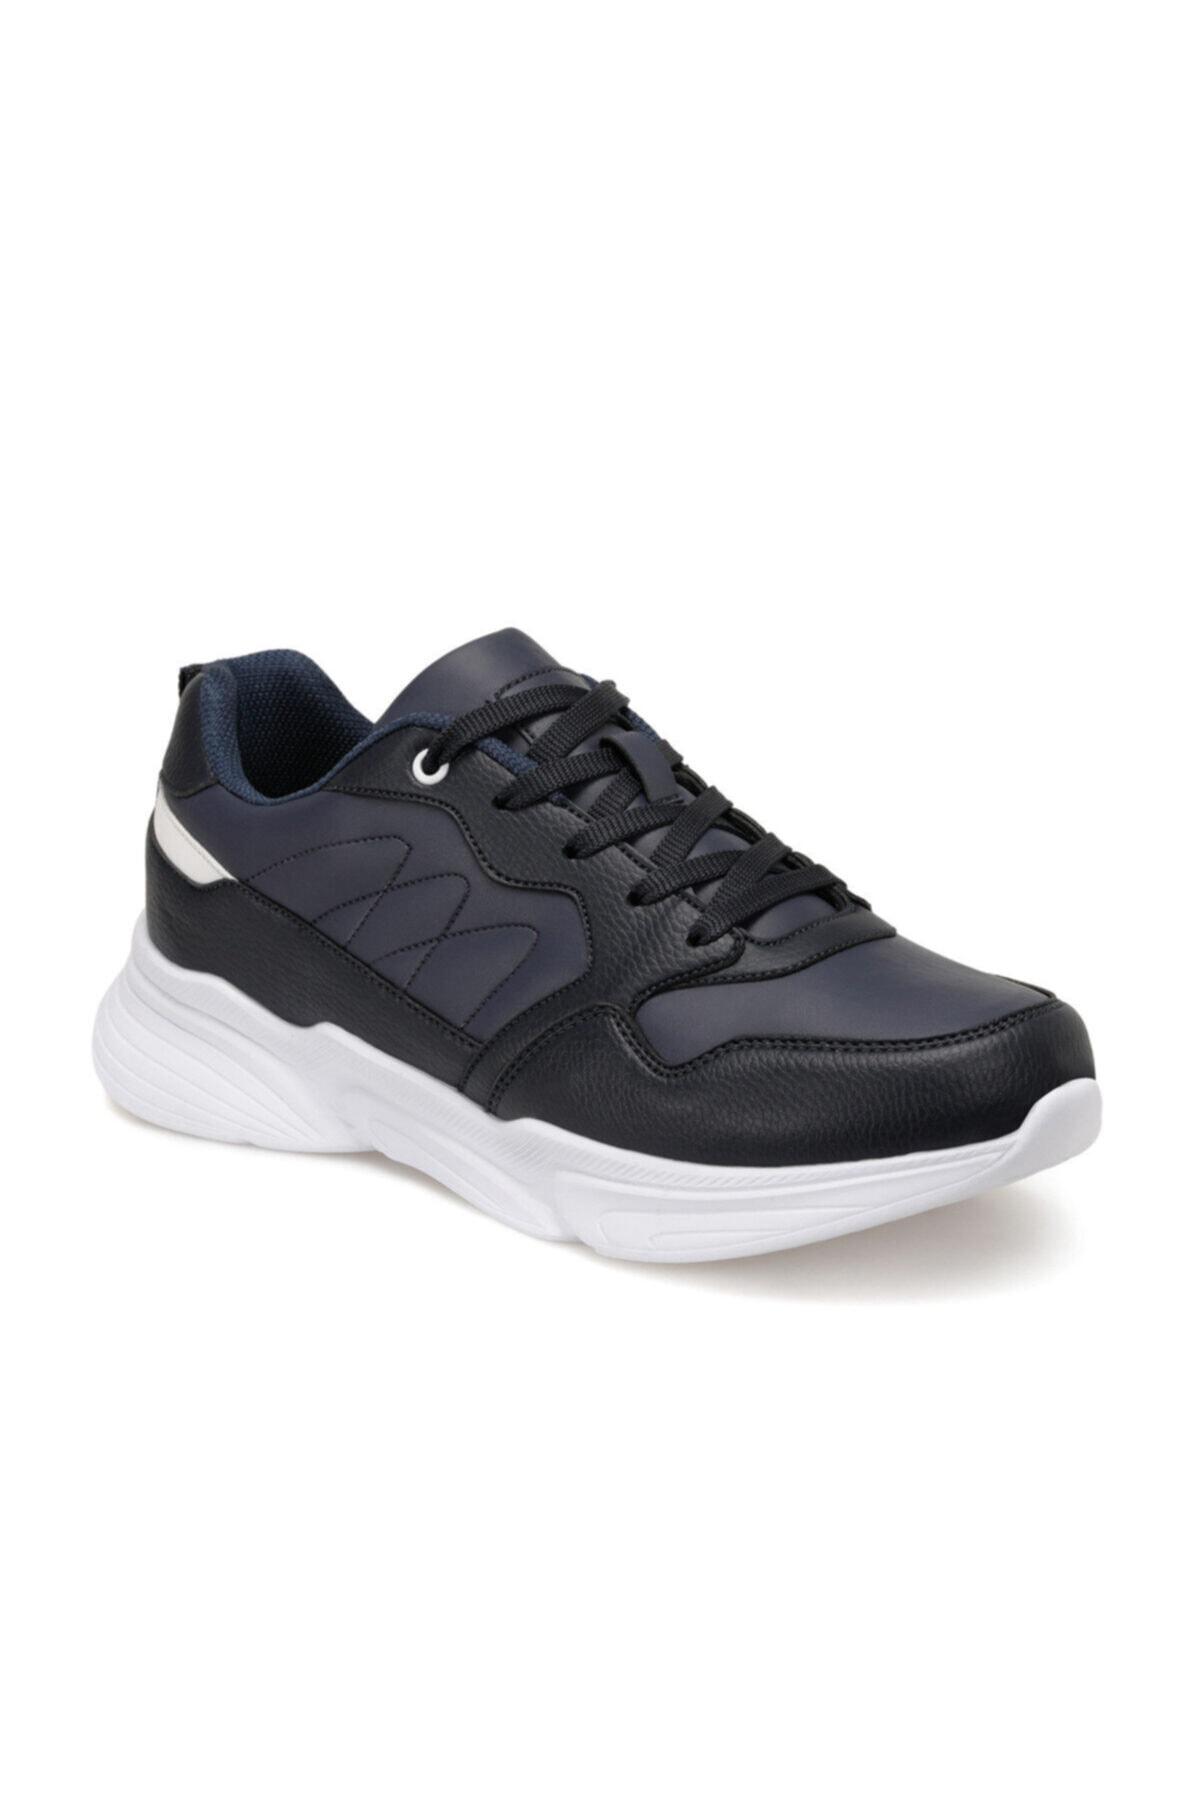 FORESTER EC-2010 Lacivert Erkek Spor Ayakkabı 101016191 1